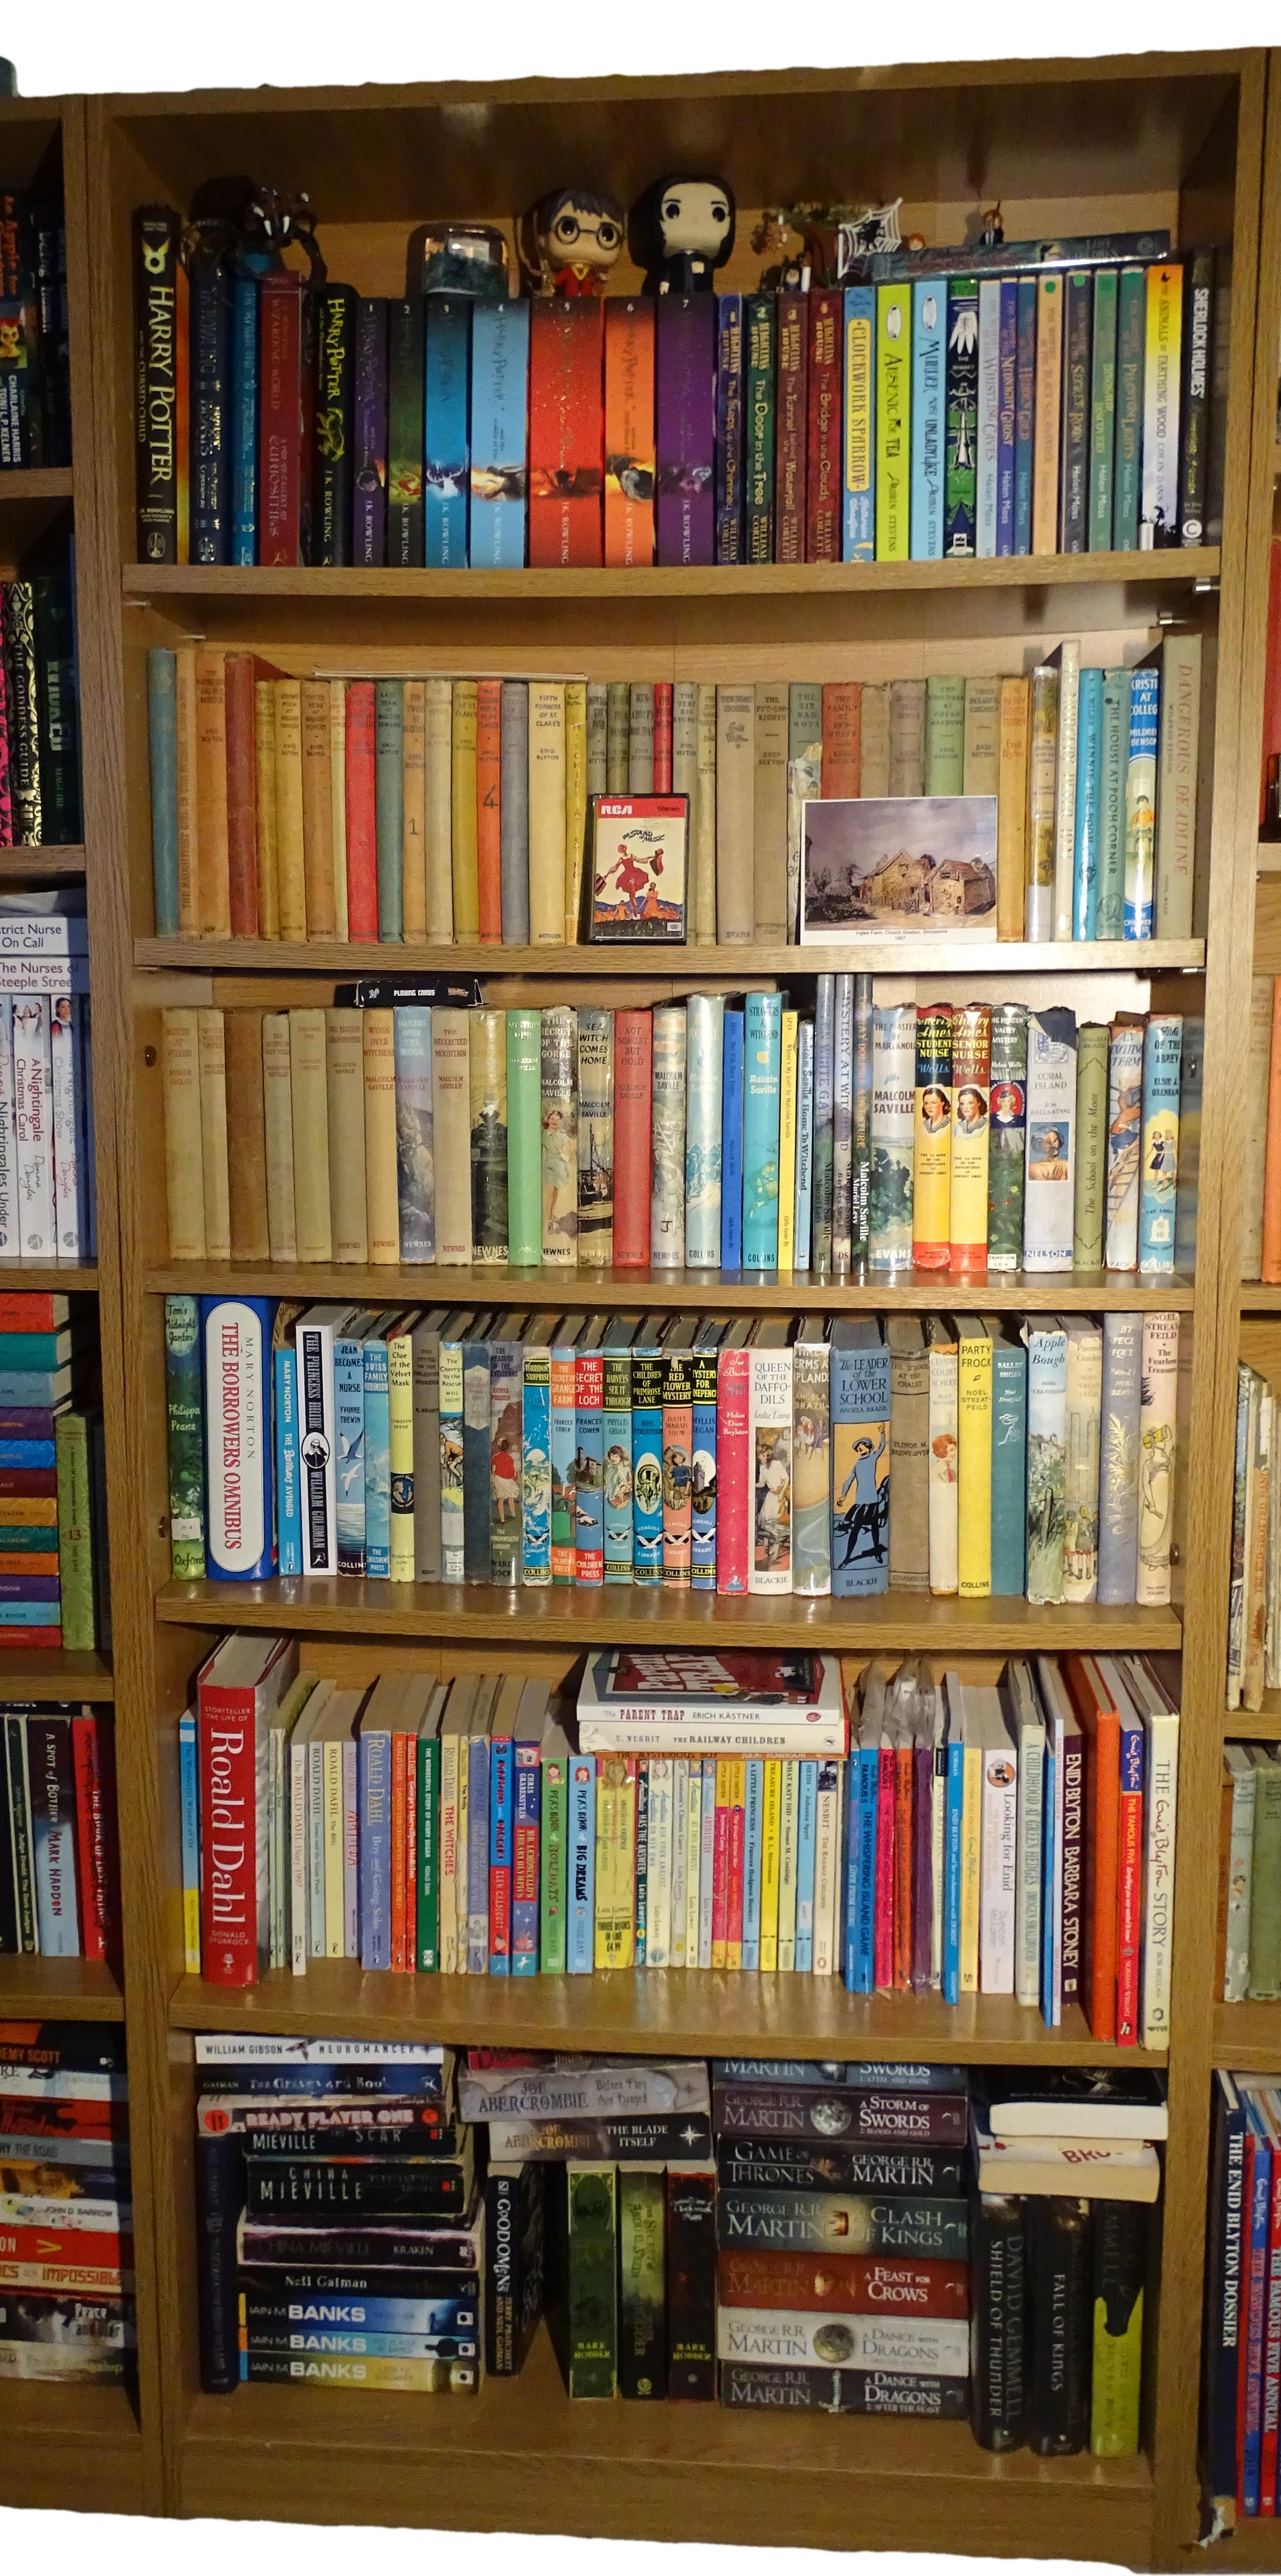 On My Bookshelf World Of Blyton